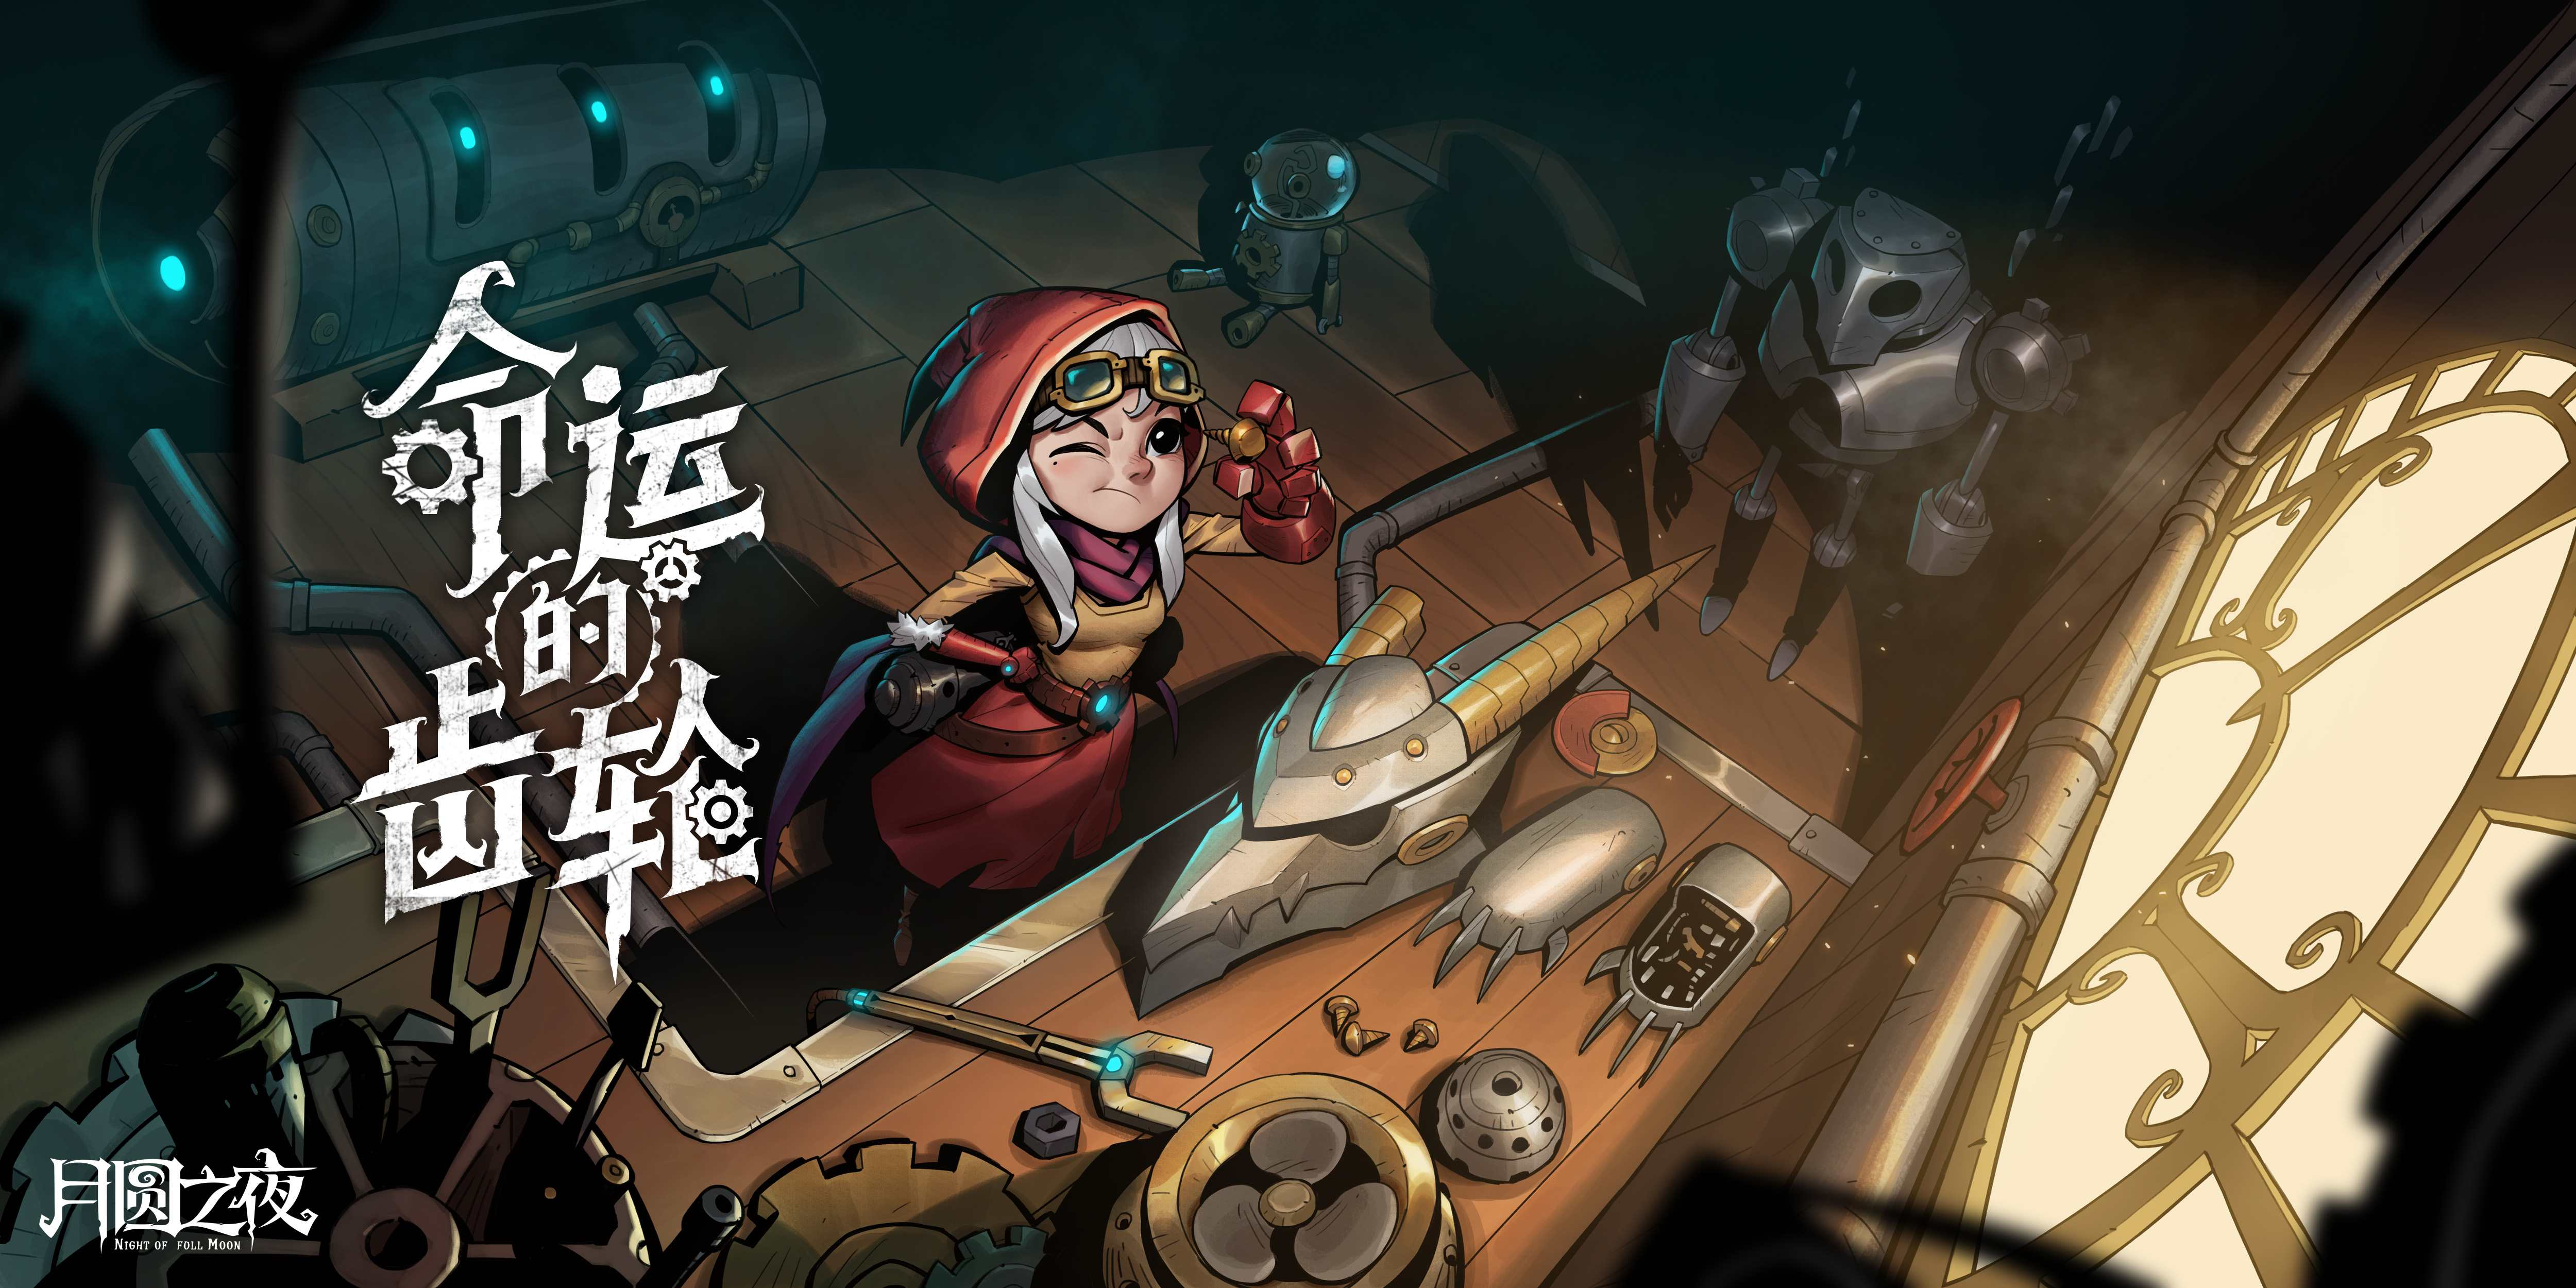 《月圆之夜》新动画预告上线 小红帽终于寻到外婆?